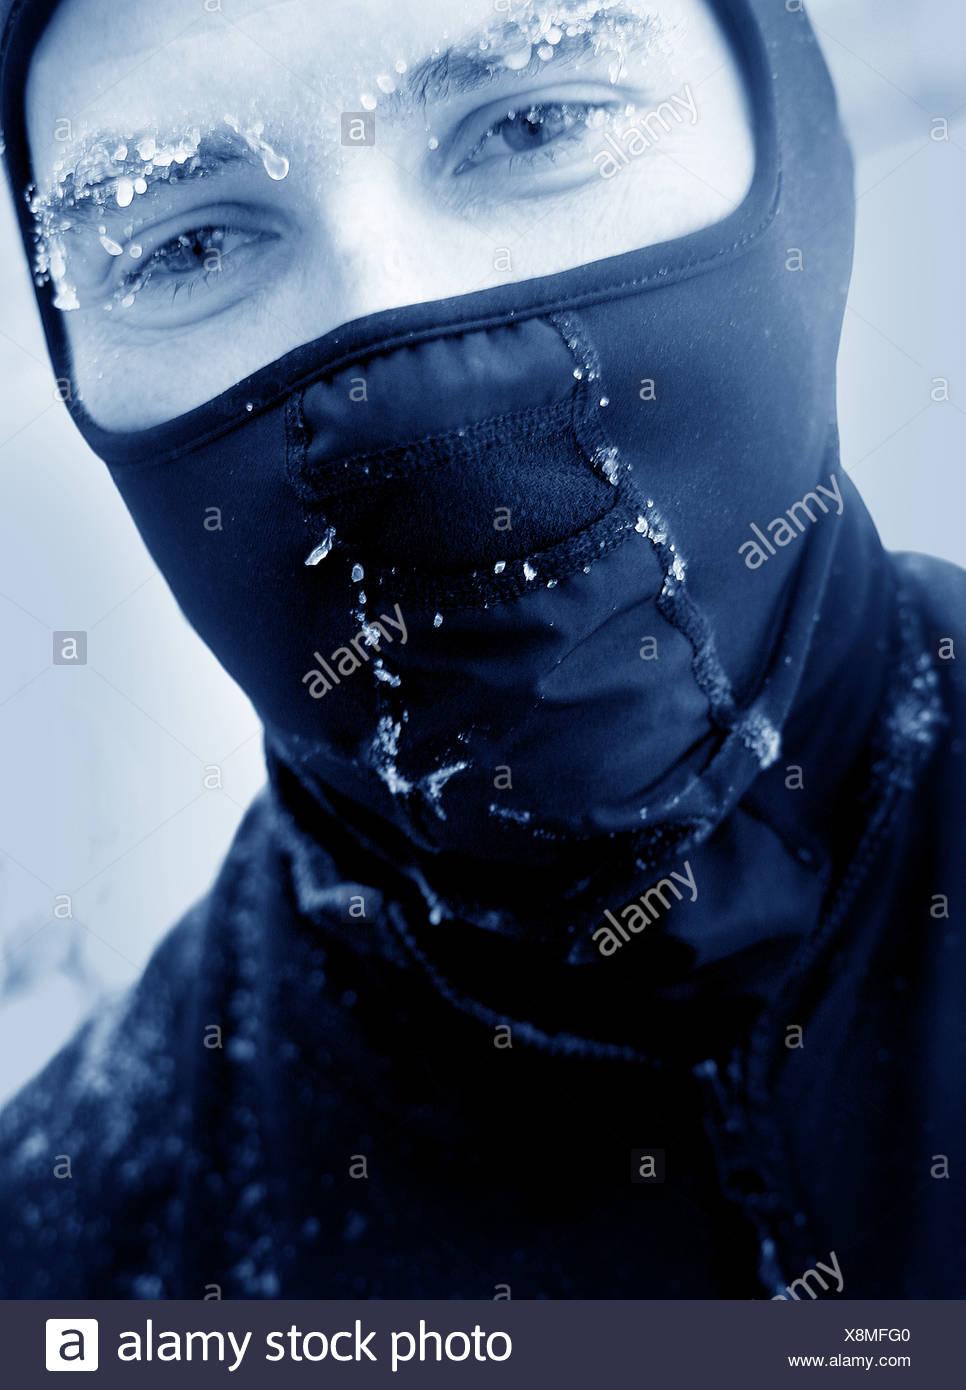 man in ski mask Stock Photo